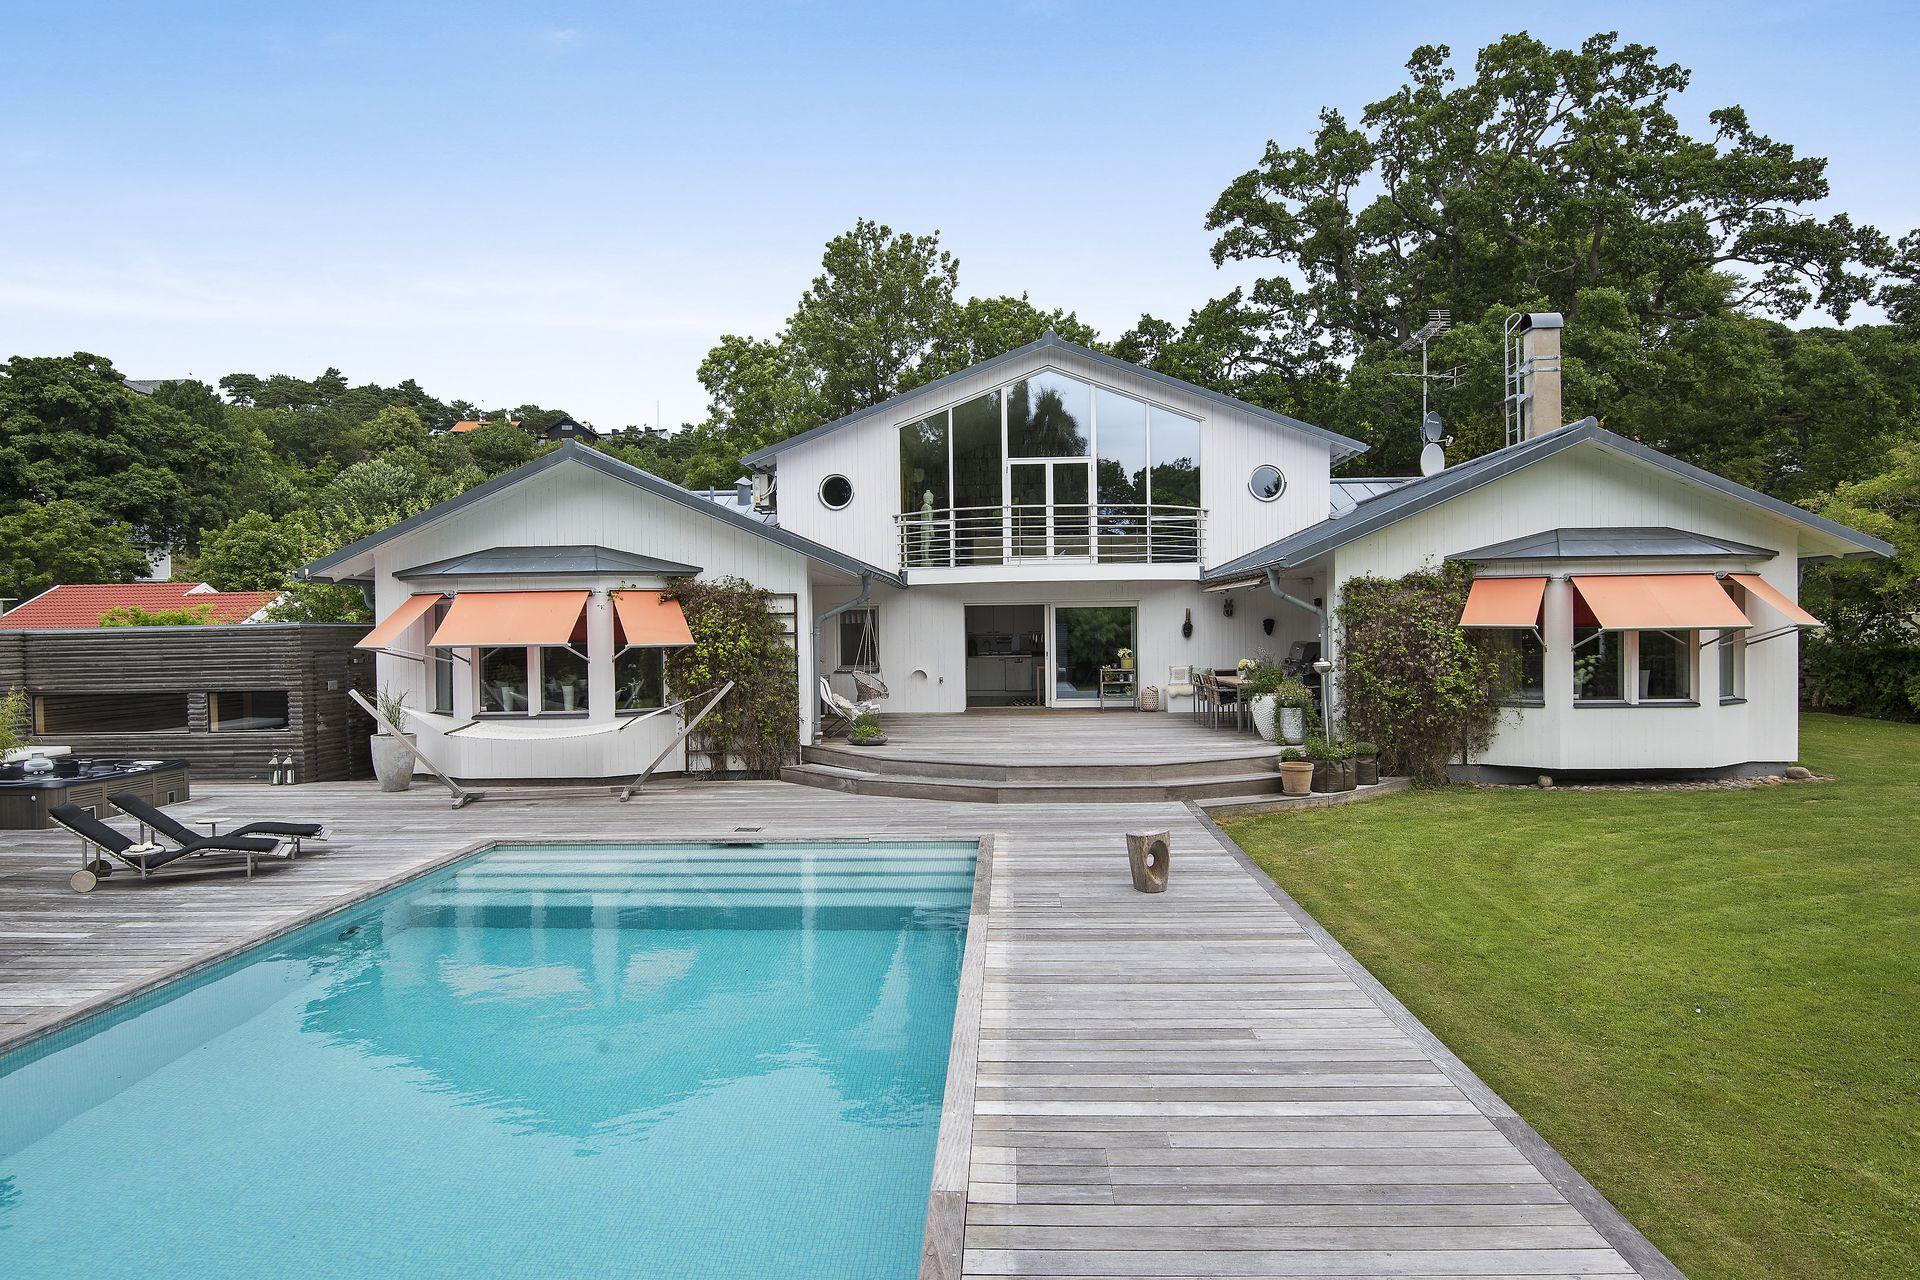 svensk elstandard villa